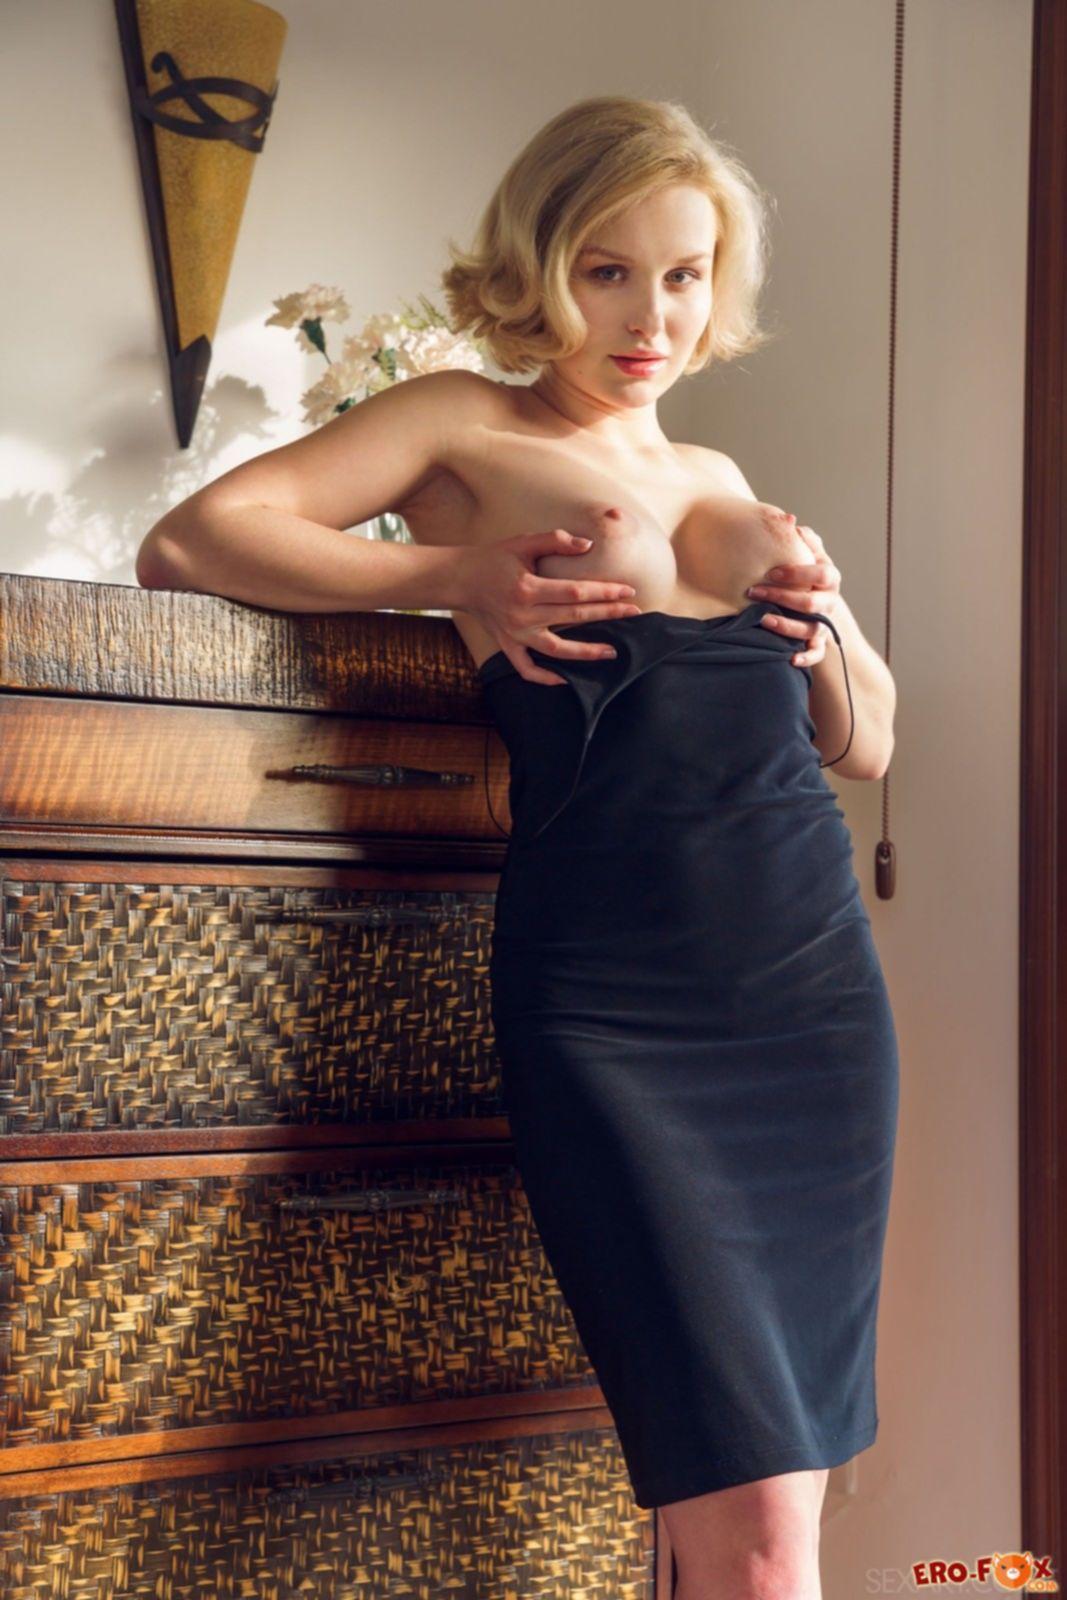 Дамочка в облегающем платье оголяет попу - фото